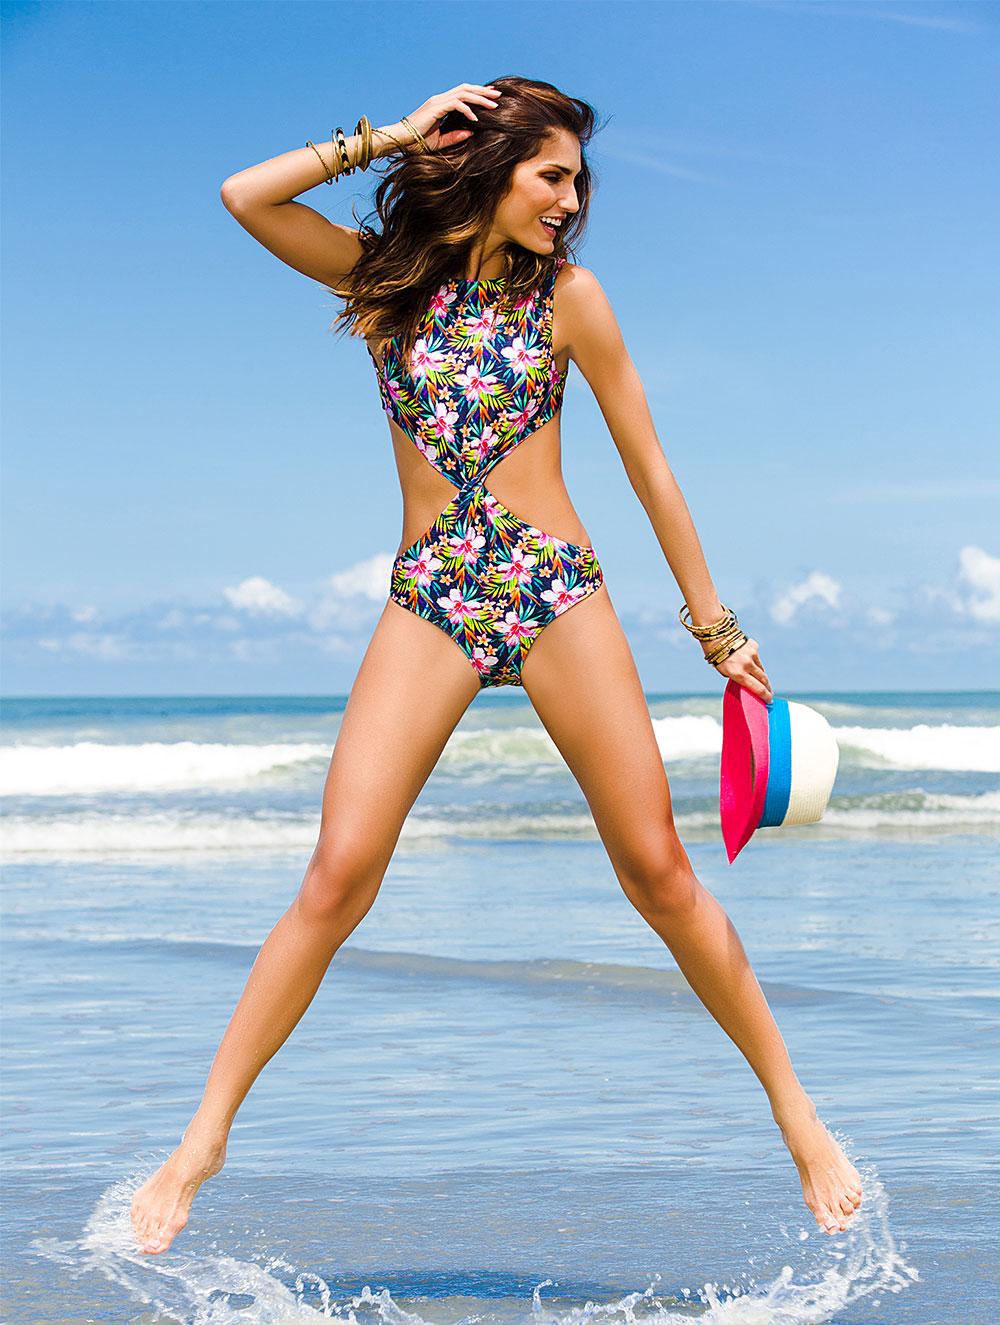 Fiz marca de bikini pra levar pau - 2 4